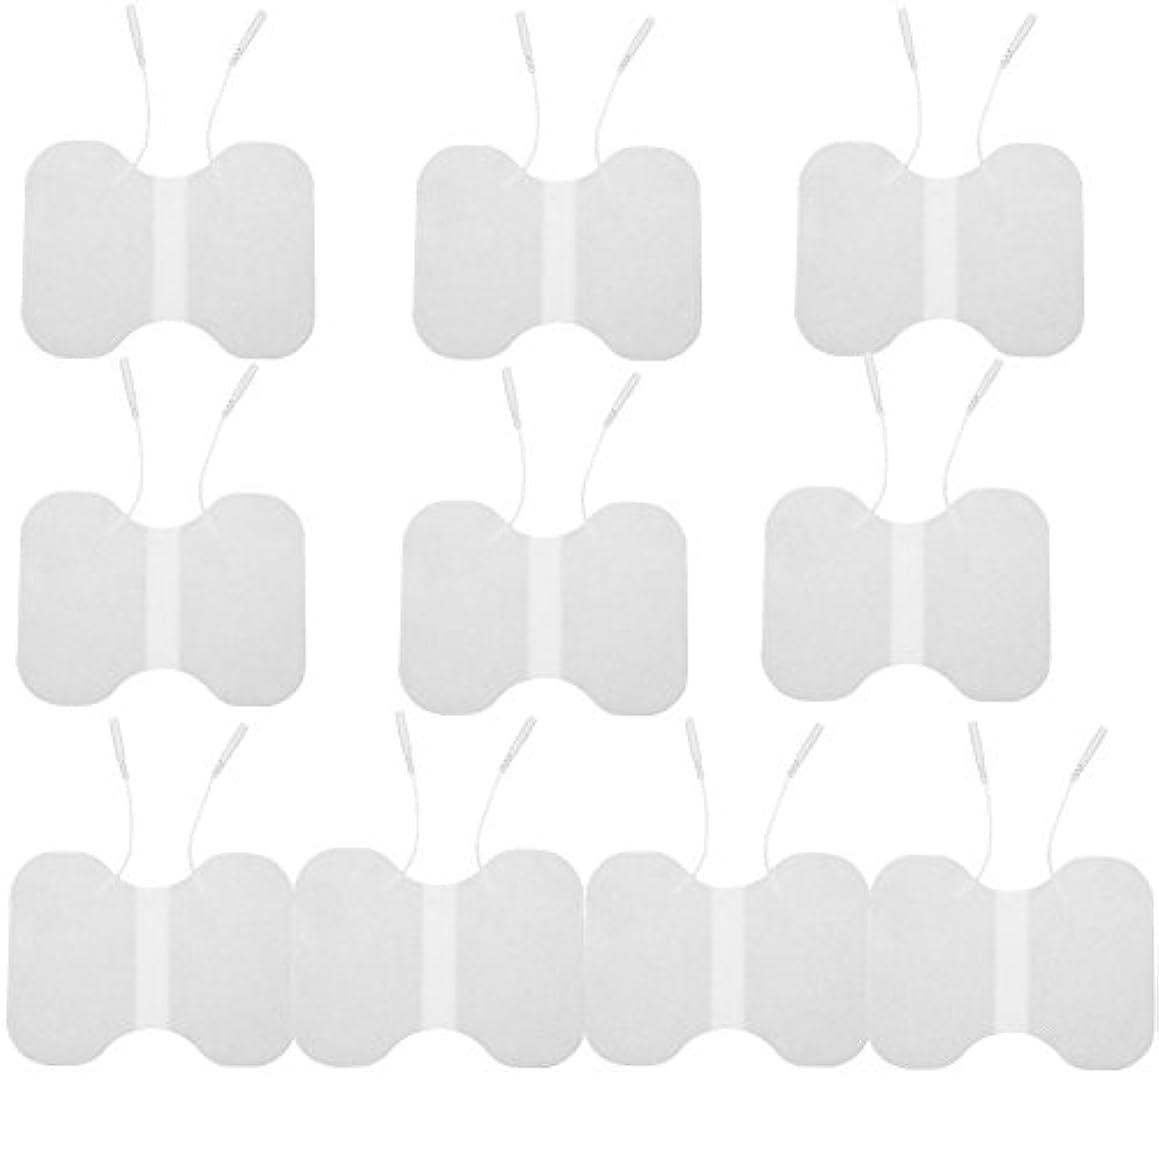 思いつく指定する自体電極パッド、1Pc再利用可能な自己接着性電極パッチが体内の循環を改善し代謝を促進する効果